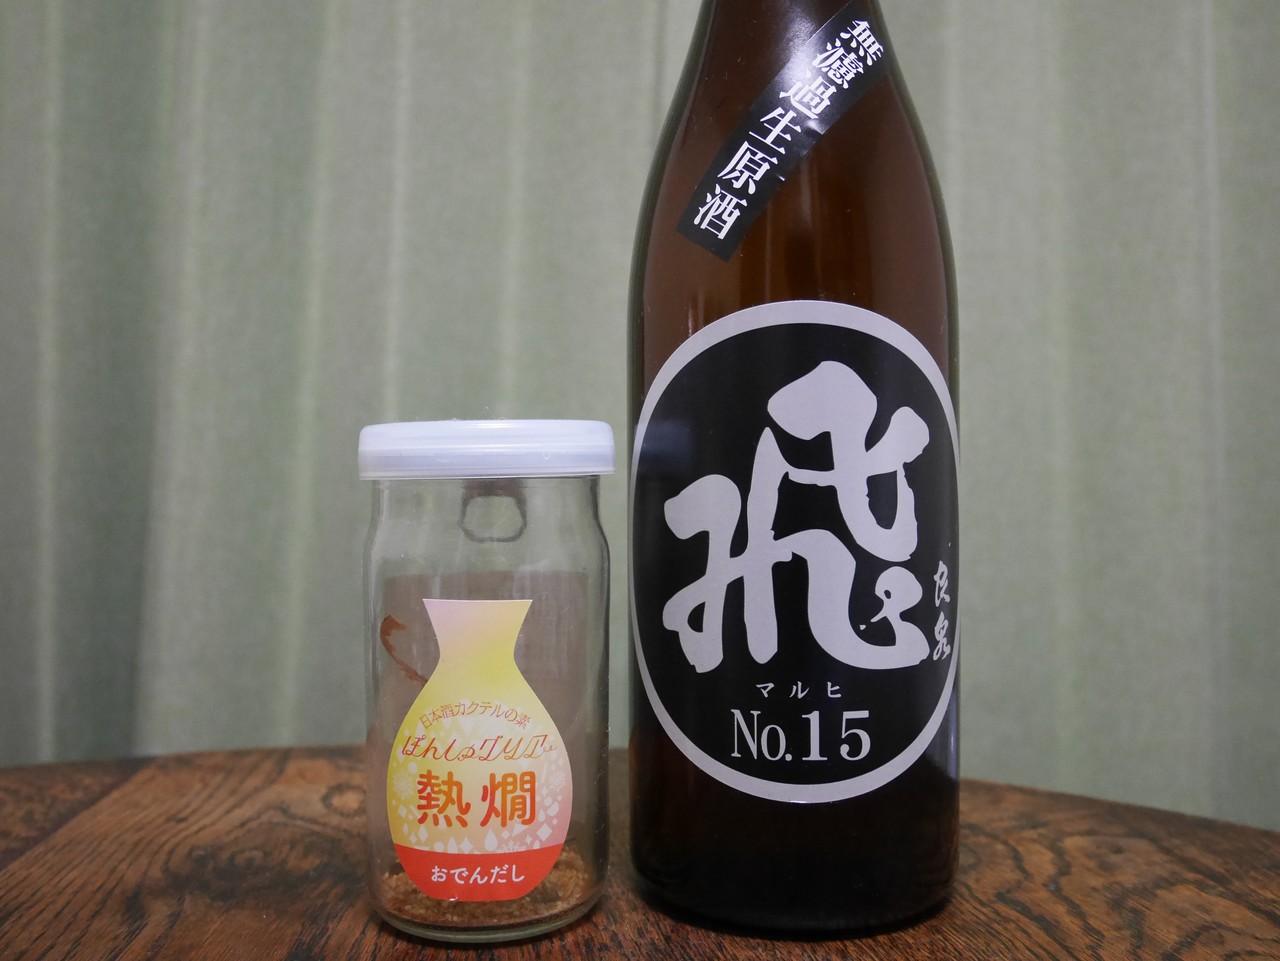 日本酒カクテルの素・ぽんしゅグリアとマルヒ